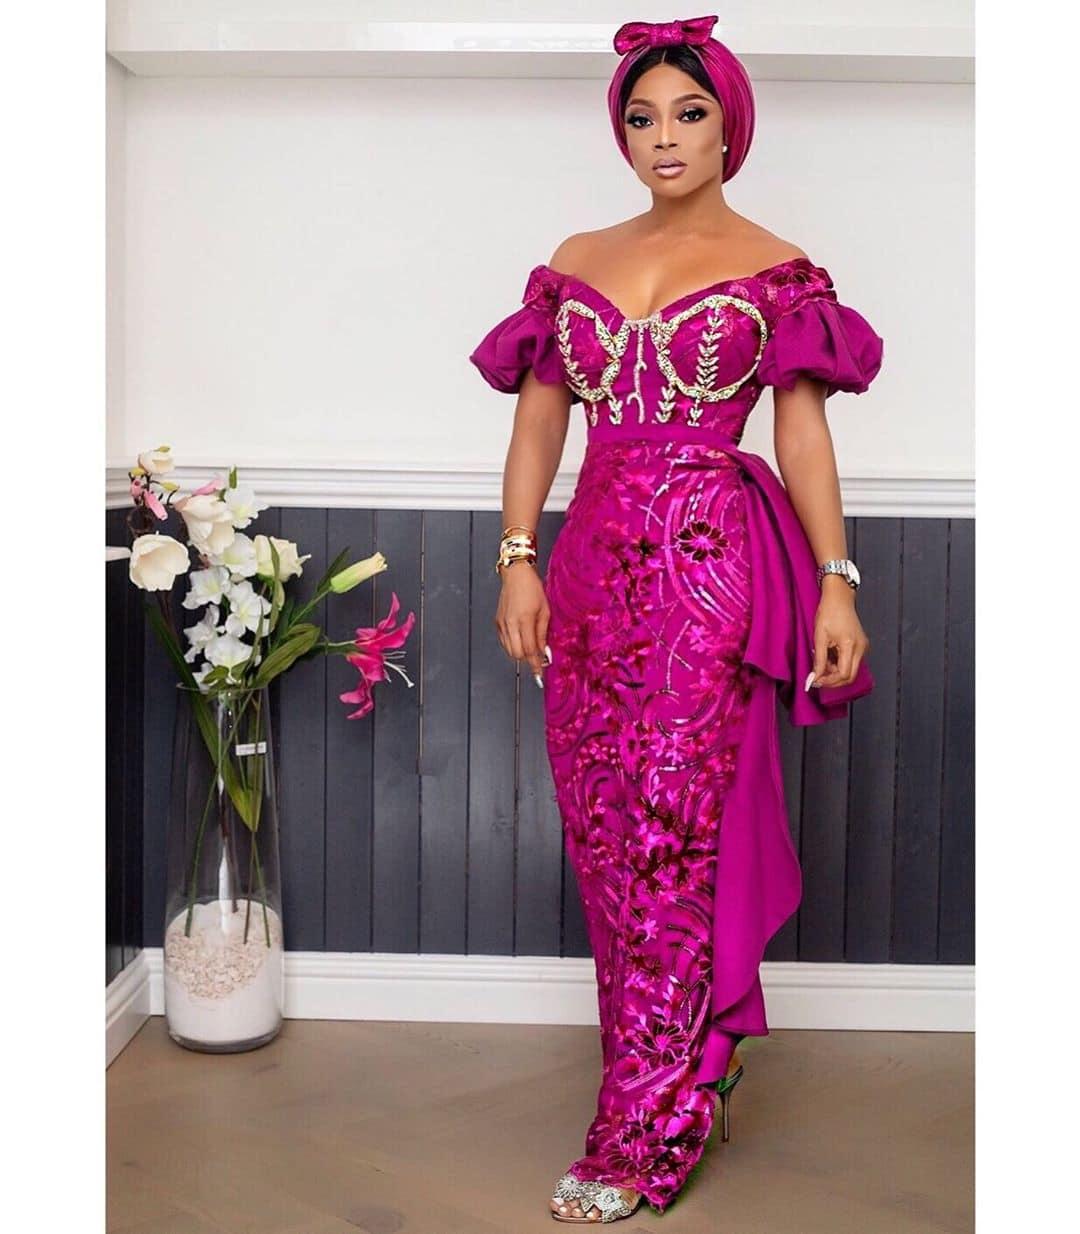 Toke-makinwa-asoebi-ready-pink-lace-dress